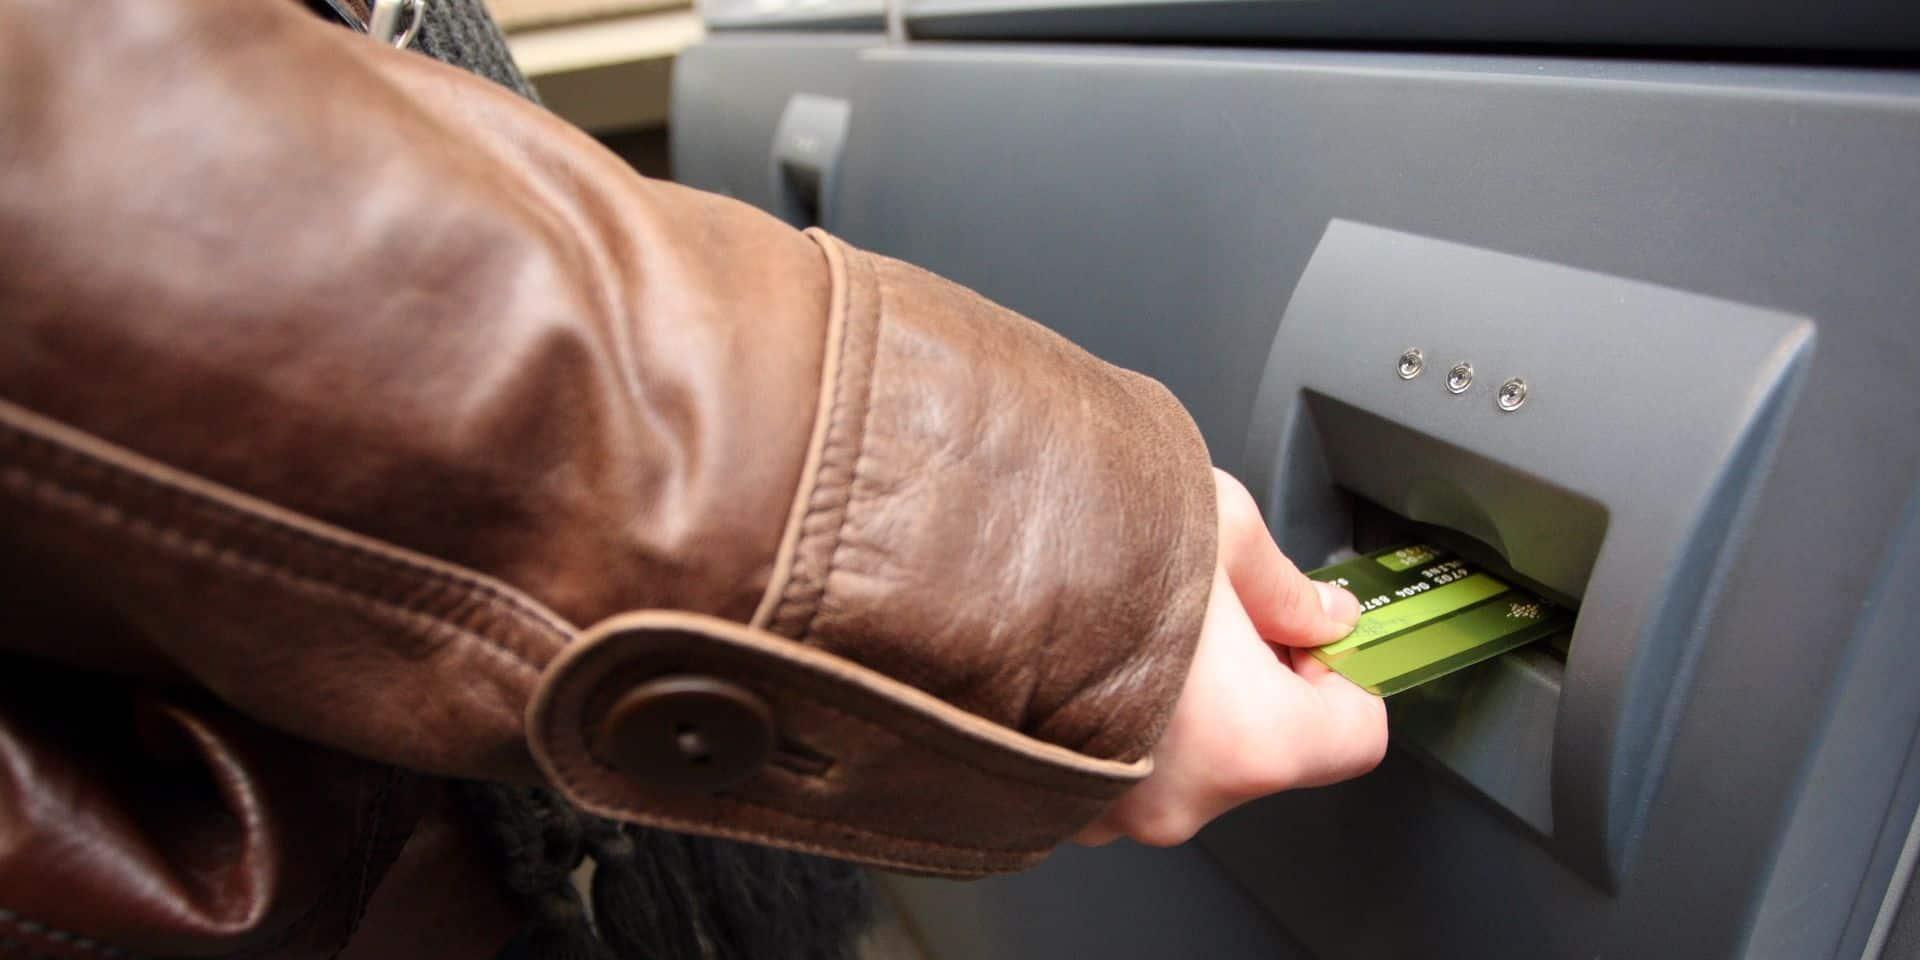 """Départ des banques à Ecaussinnes : """"On en arrive à presque quémander pour avoir un minimum de services, ce n'est pas normal !"""""""